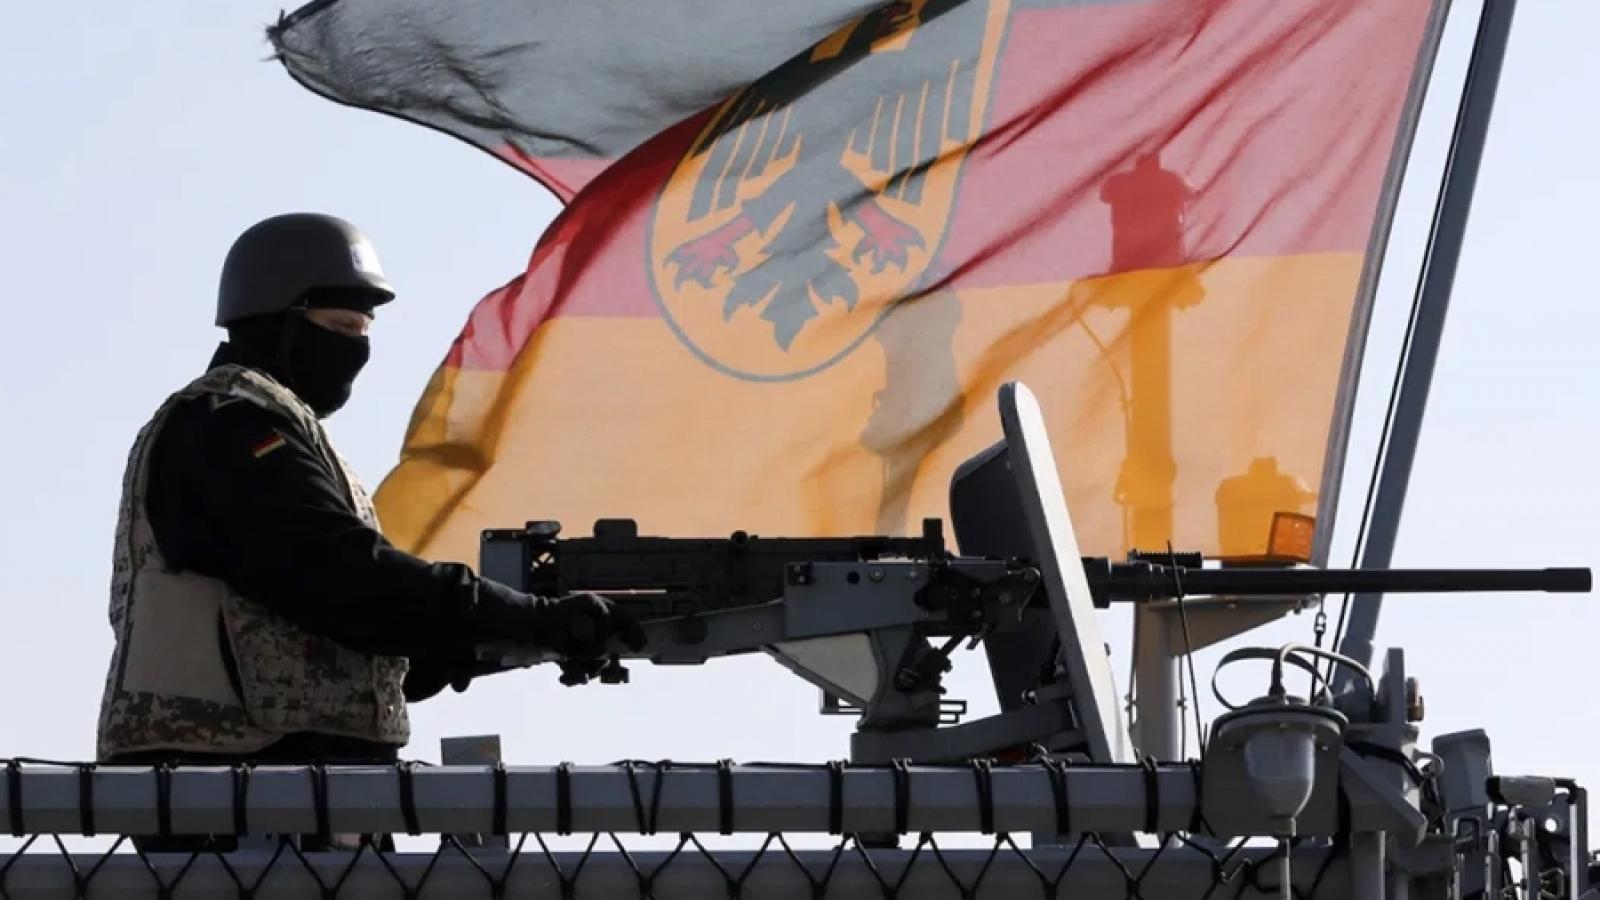 Trung Quốc và Nga cảnh giác về việc Đức tái vũ trang, đề cao sức mạnh quân đội